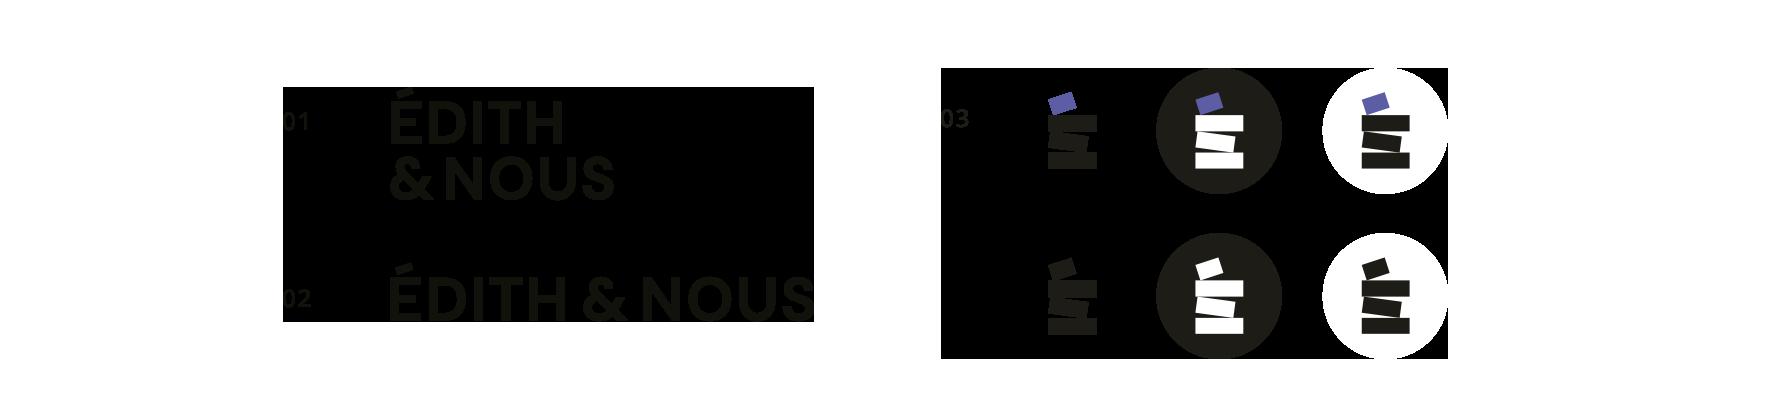 E&NOKCharte-copie-23